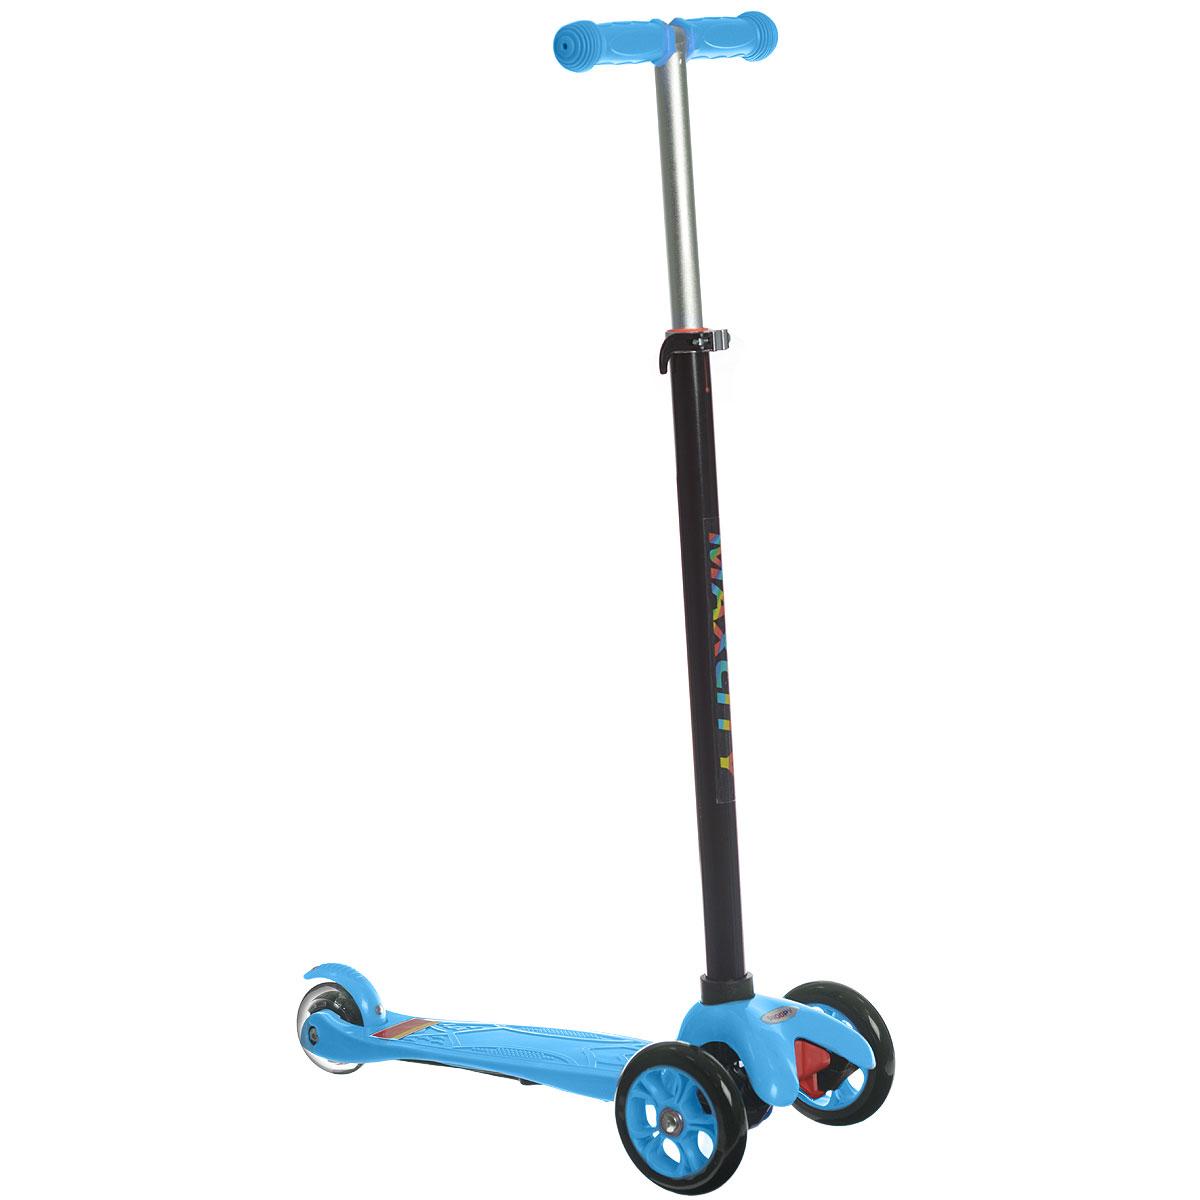 Самокат трехколесный MaxCity Snoopy, цвет: синийSNOOPYСамокат MaxCity Snoopy предназначается для самых маленьких. Детки в возрасте от трех до пяти лет придут в неописуемый восторг от подобного подарка! Самокат изготовлен из сверхпрочных современных материалов. Поэтому он легко выдерживает вес 30 кг! Вы можете полностью быть уверены в безопасности вашего малыша. У самоката имеется три колеса, поэтому он обладает отличной устойчивостью! Оснащен пяточным тормозом. Заднее колесо светится при езде.Процесс обучения езде на самокате обладает прекрасным плюсом. Чтобы научиться кататься, ребенку не требуется тренер, который должен на первых порах все время находиться рядом, как было бы при обучении катанию на велосипеде. Это легко объясняется конструкцией данной модели самоката. Ваш малыш сможет быстро освоить, как нужно кататься. Он ни разу при этом не упадет! Детский транспорт способен приносить ребенку лишь радость.